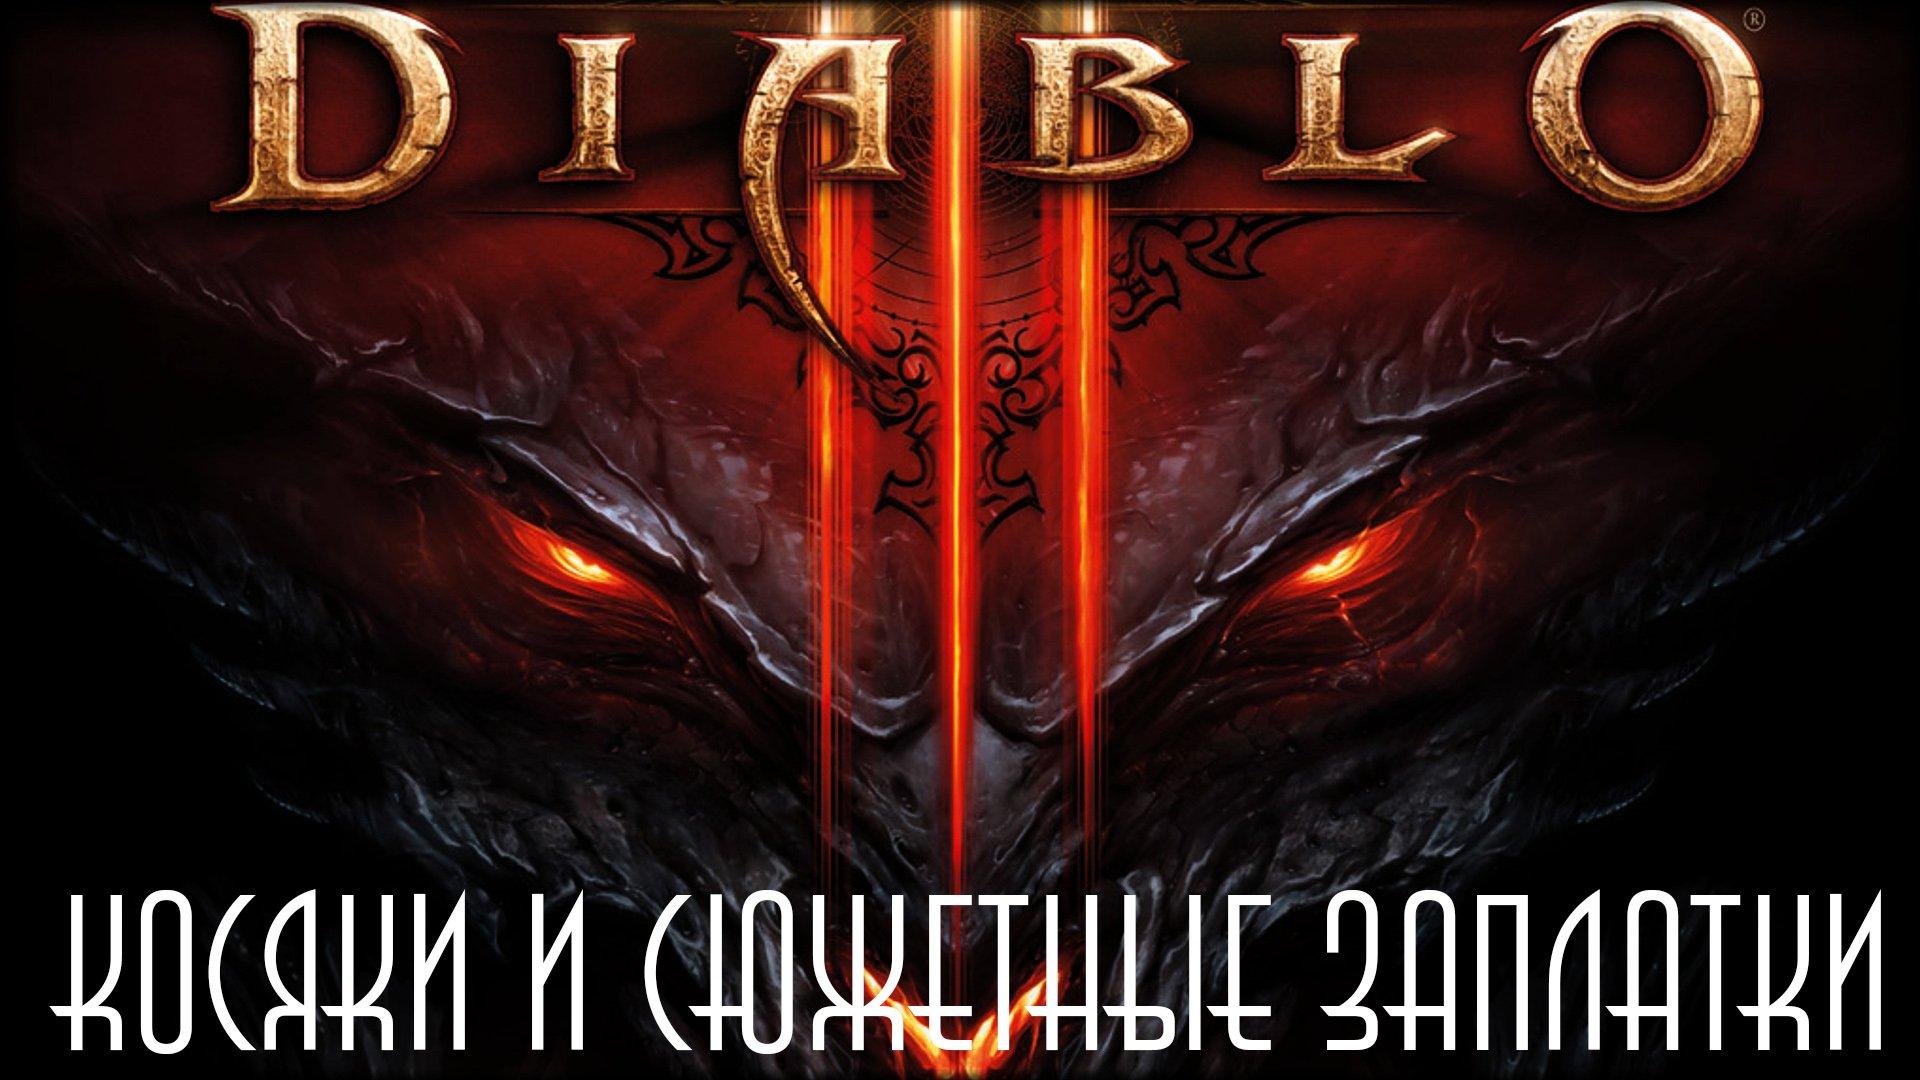 █ Прости, Отец, мы профукали Diablo 3 █ Часть 2 █ . - Изображение 1